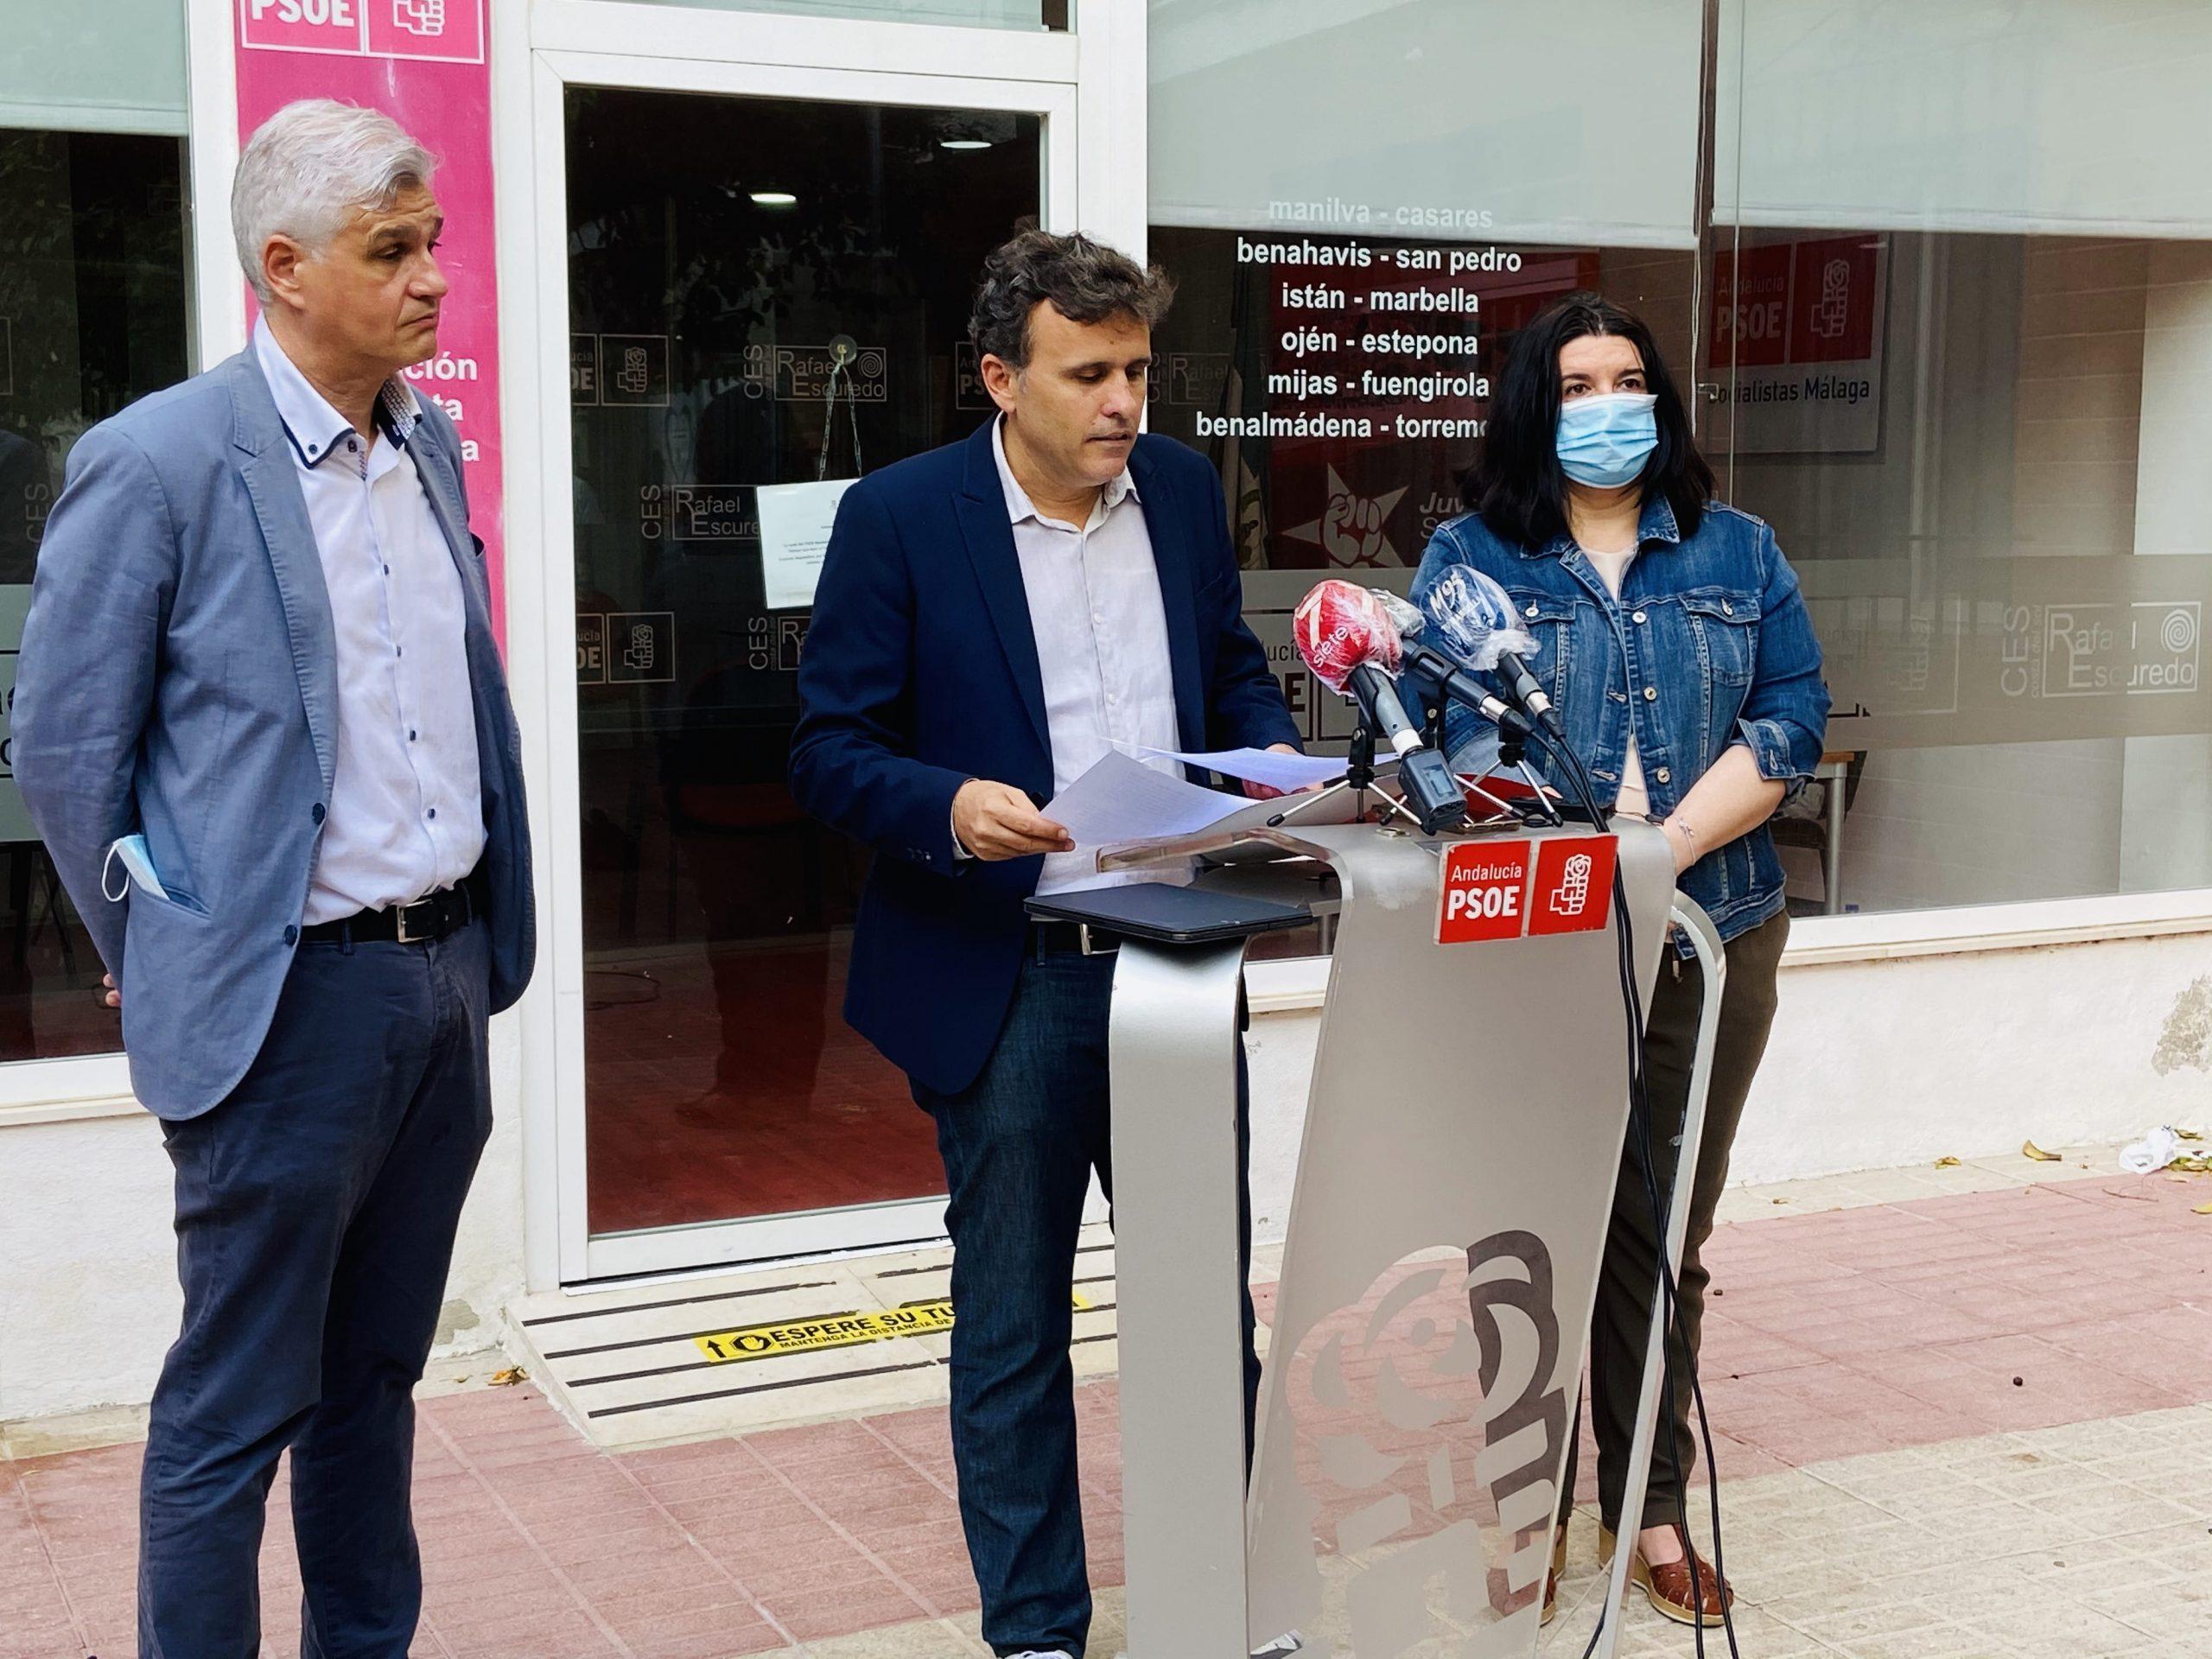 El PSOE estima que más de 6.000 vecinos recibirán el Ingreso Mínimo Vital